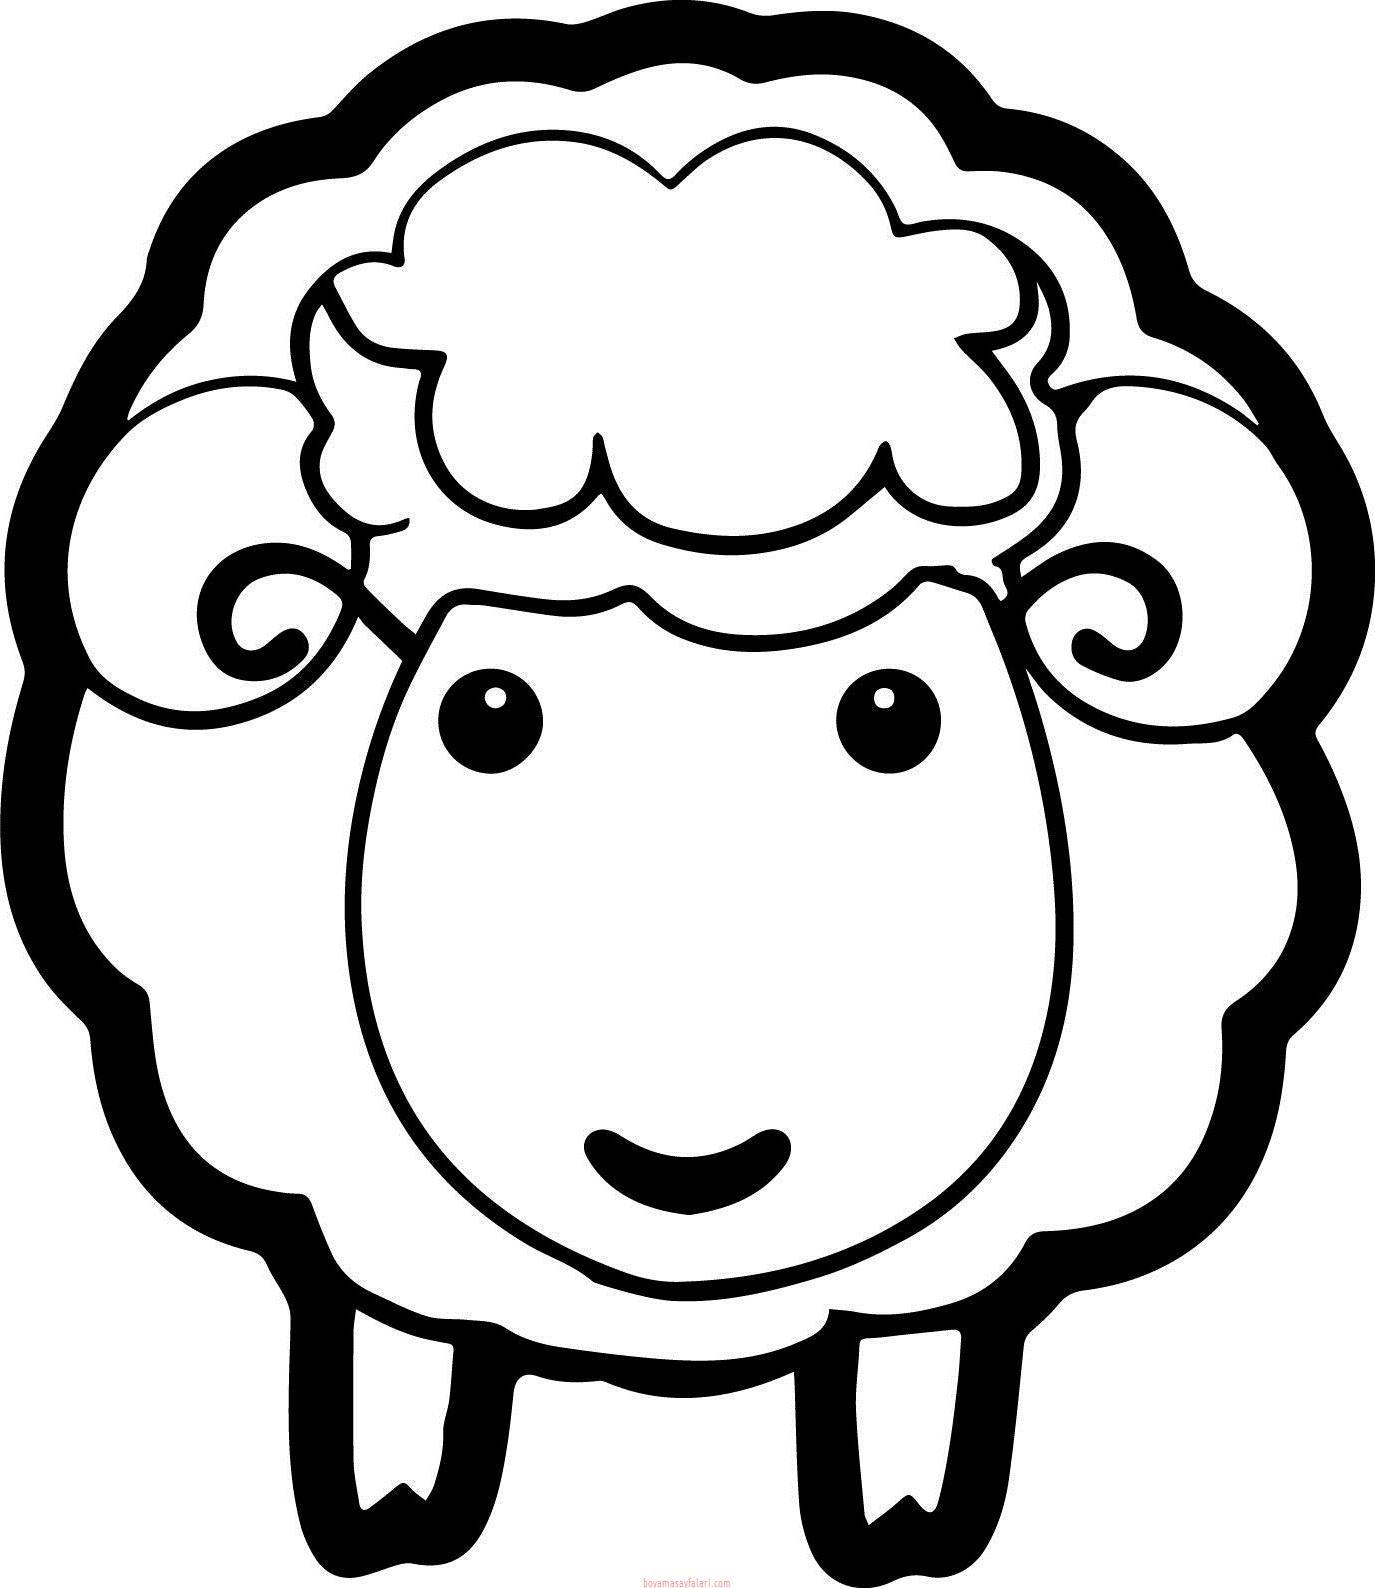 Koyun Boyama 8 Sinif Ogretmenleri Icin Ucretsiz Ozgun Etkinlikler